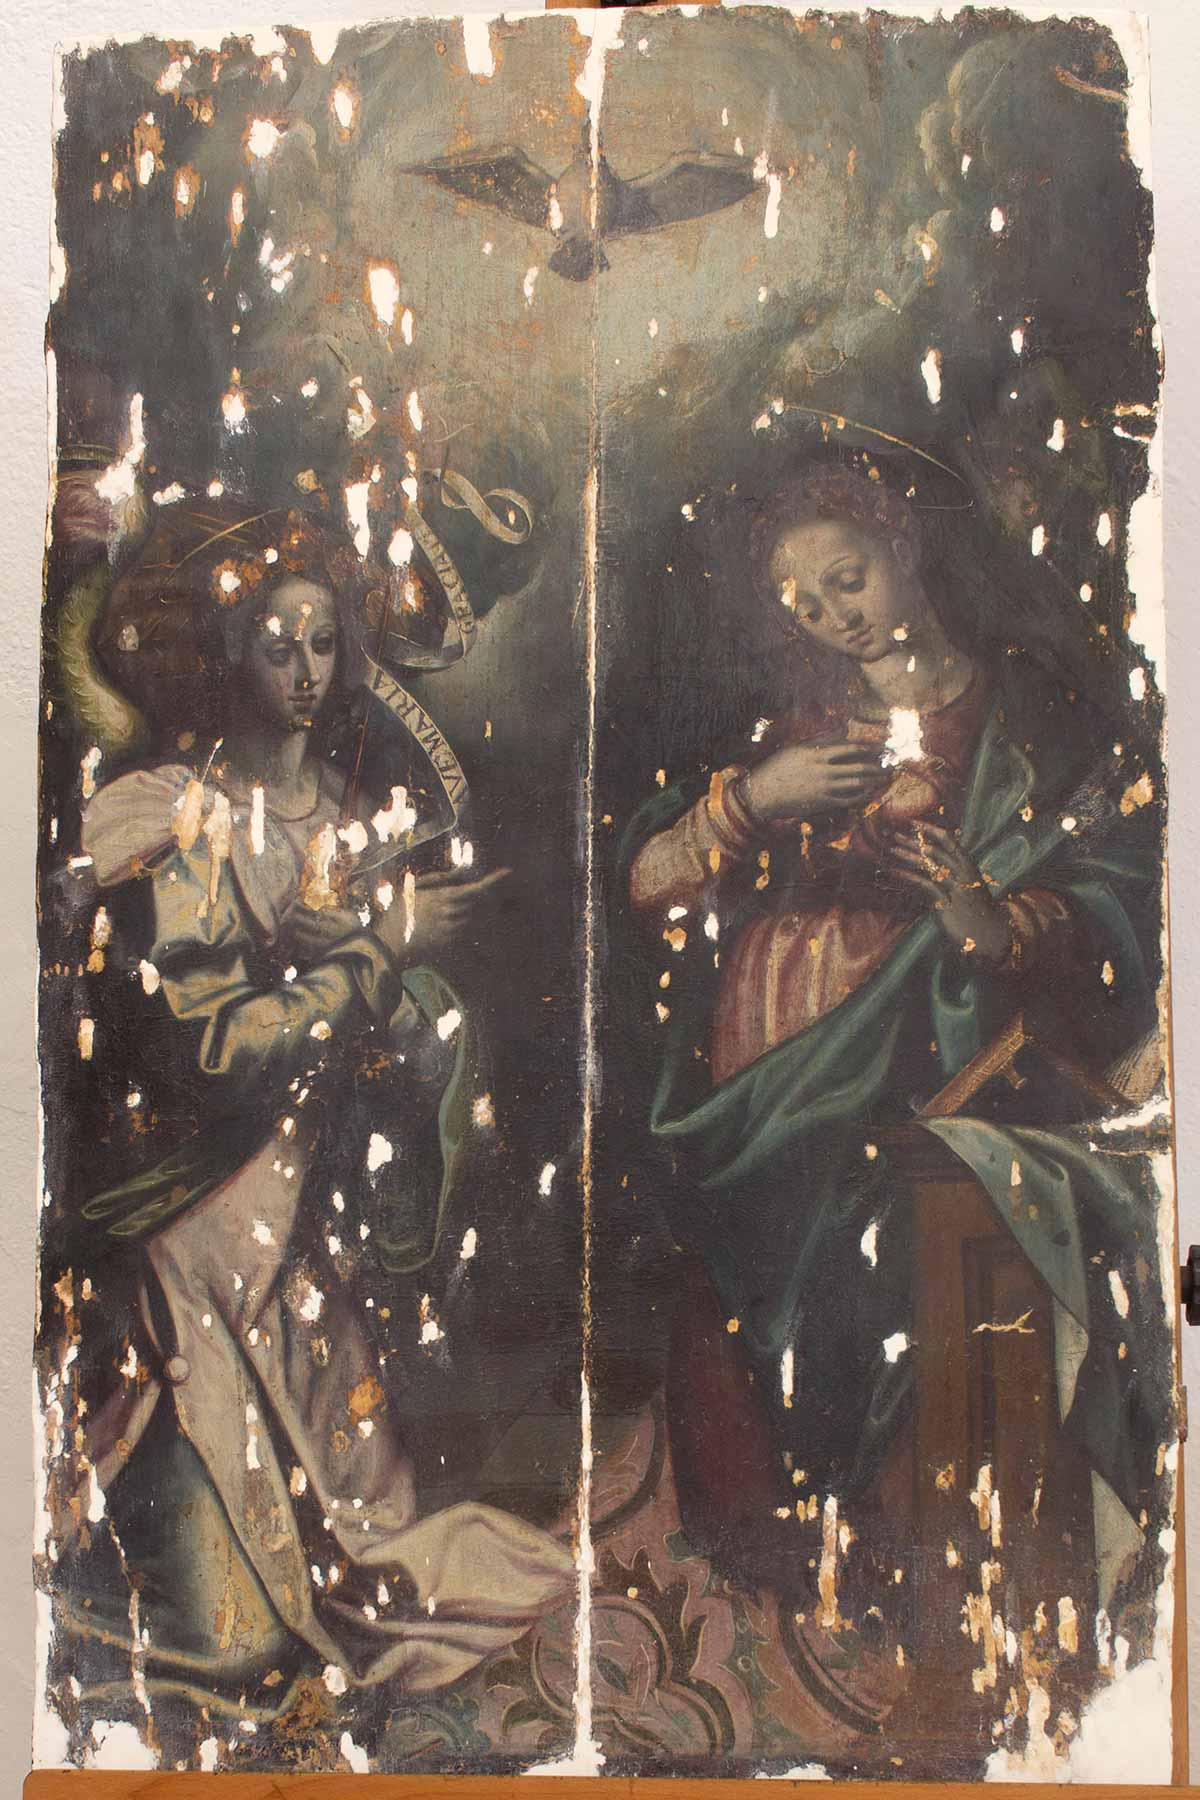 Estado de una de las pinturas del Retablo Mayor de la iglesia de Santiago en Torremayor antes de la restauración (foto: Carmen Vega)